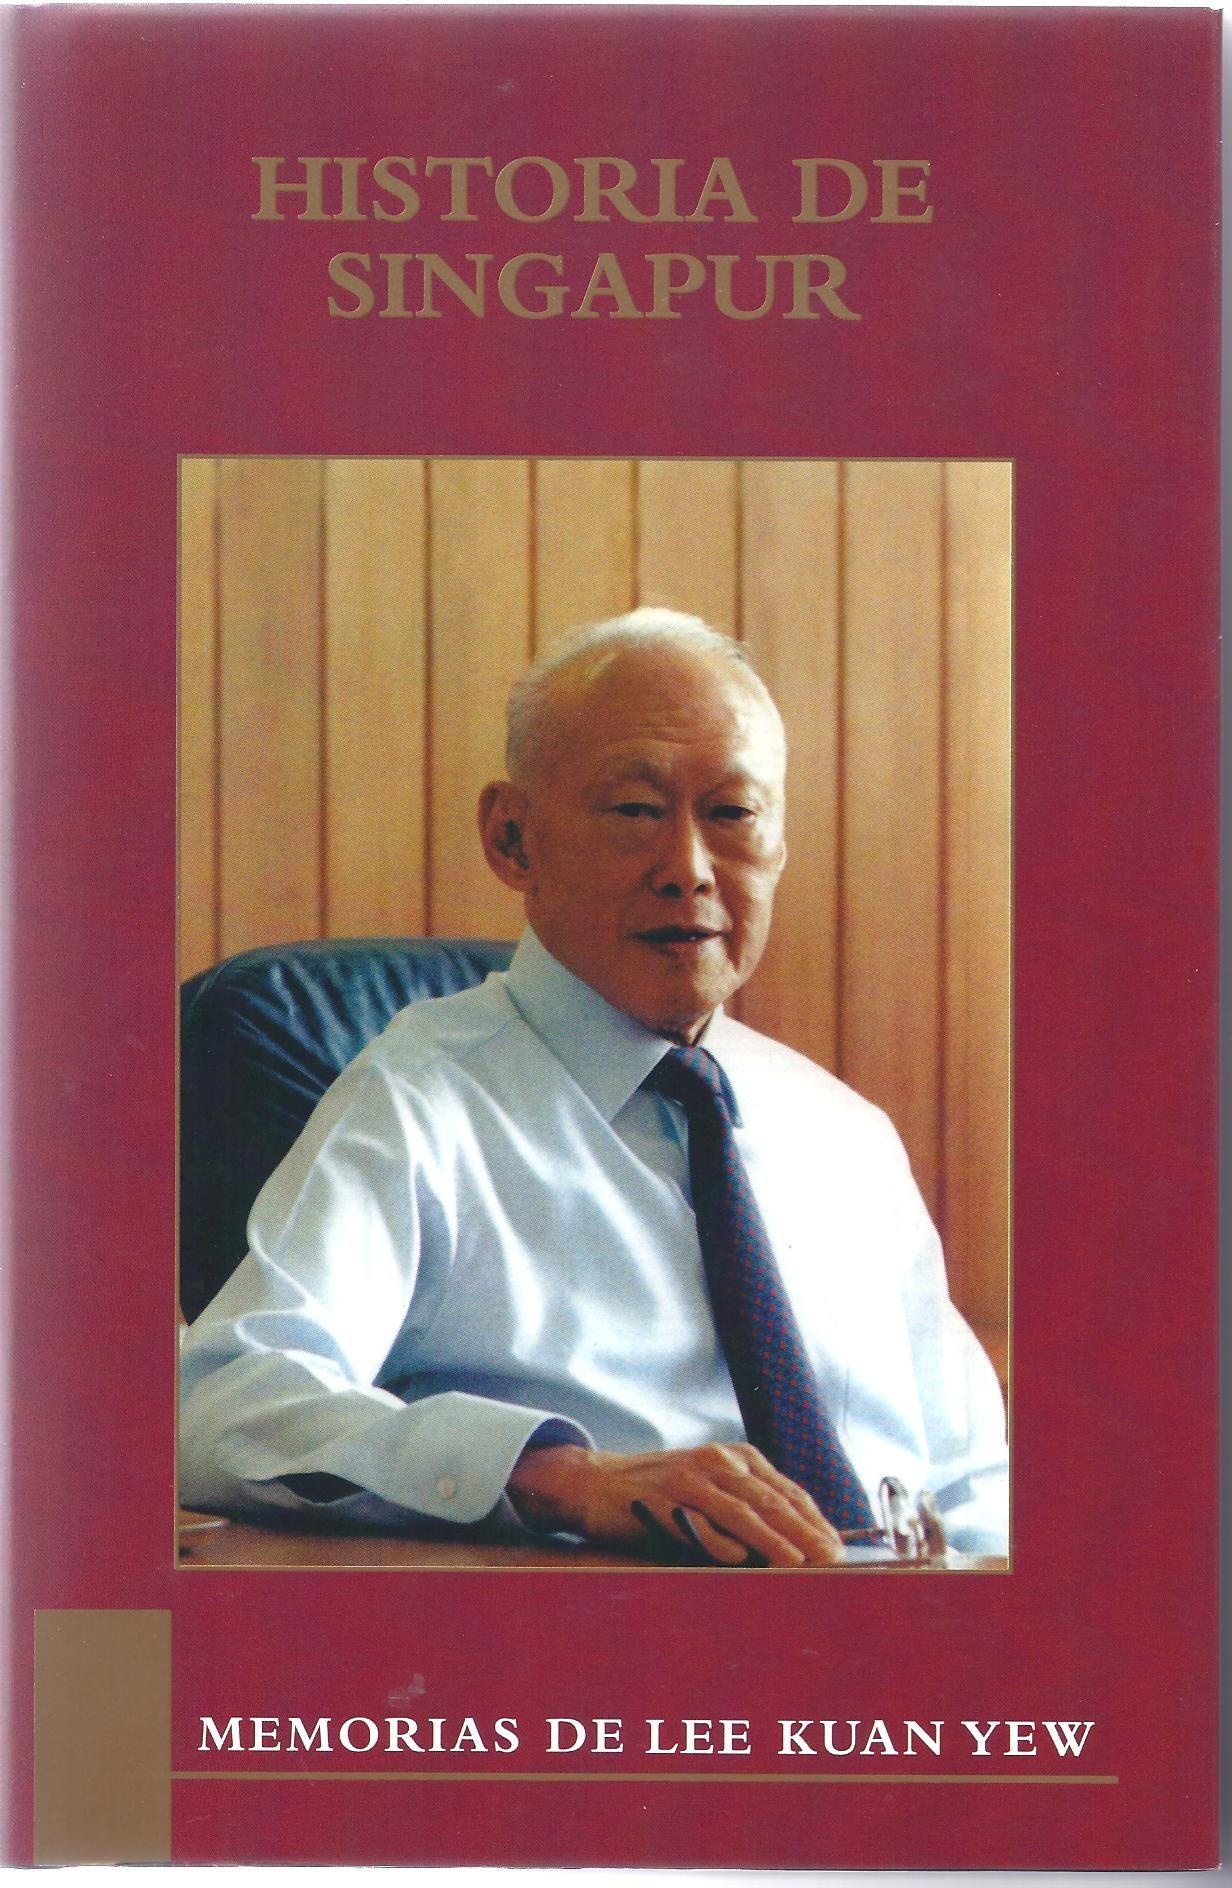 Memorias de Lee Kuan Yew